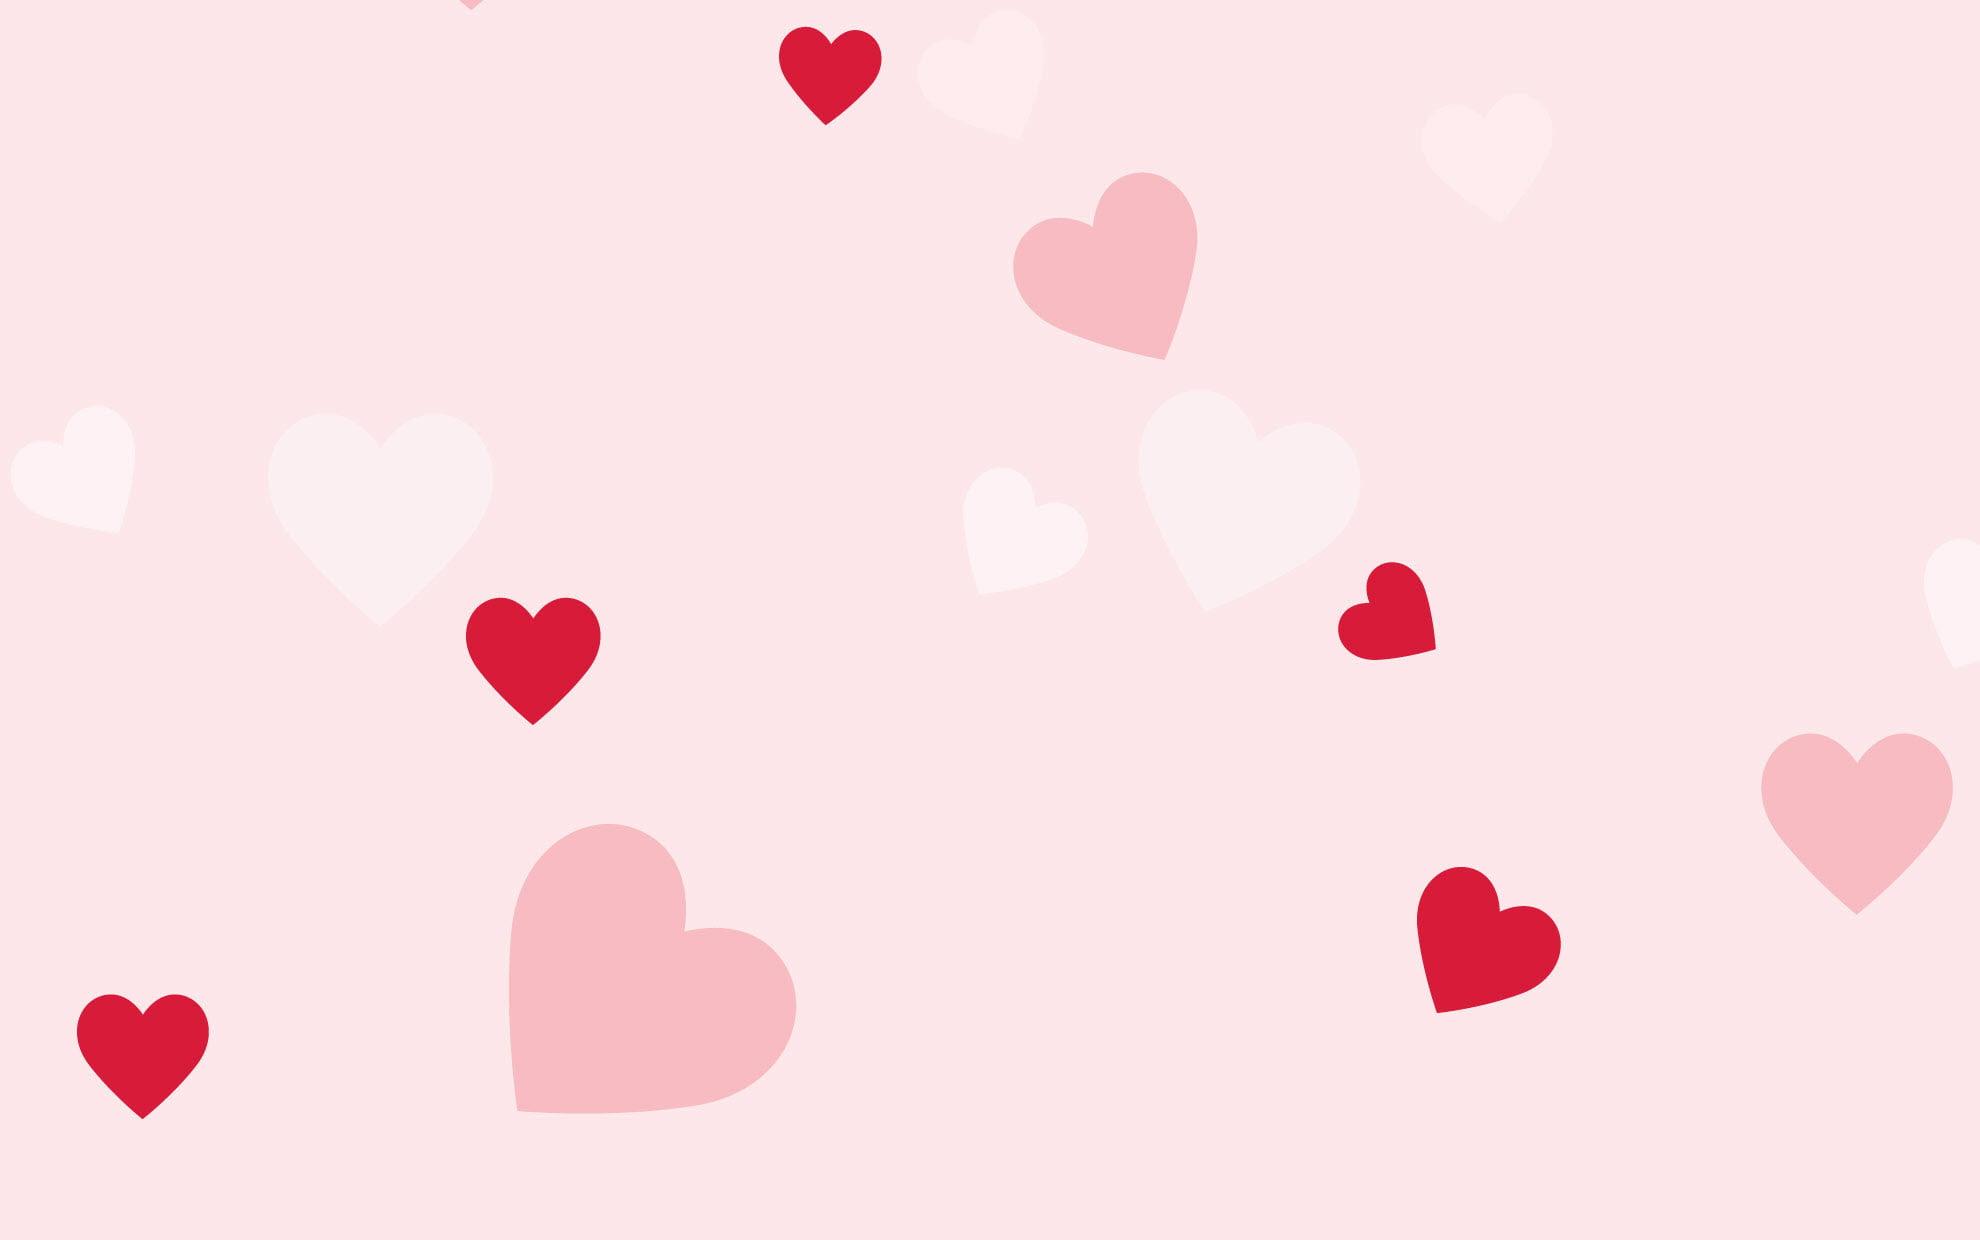 hình nền cute trái tim